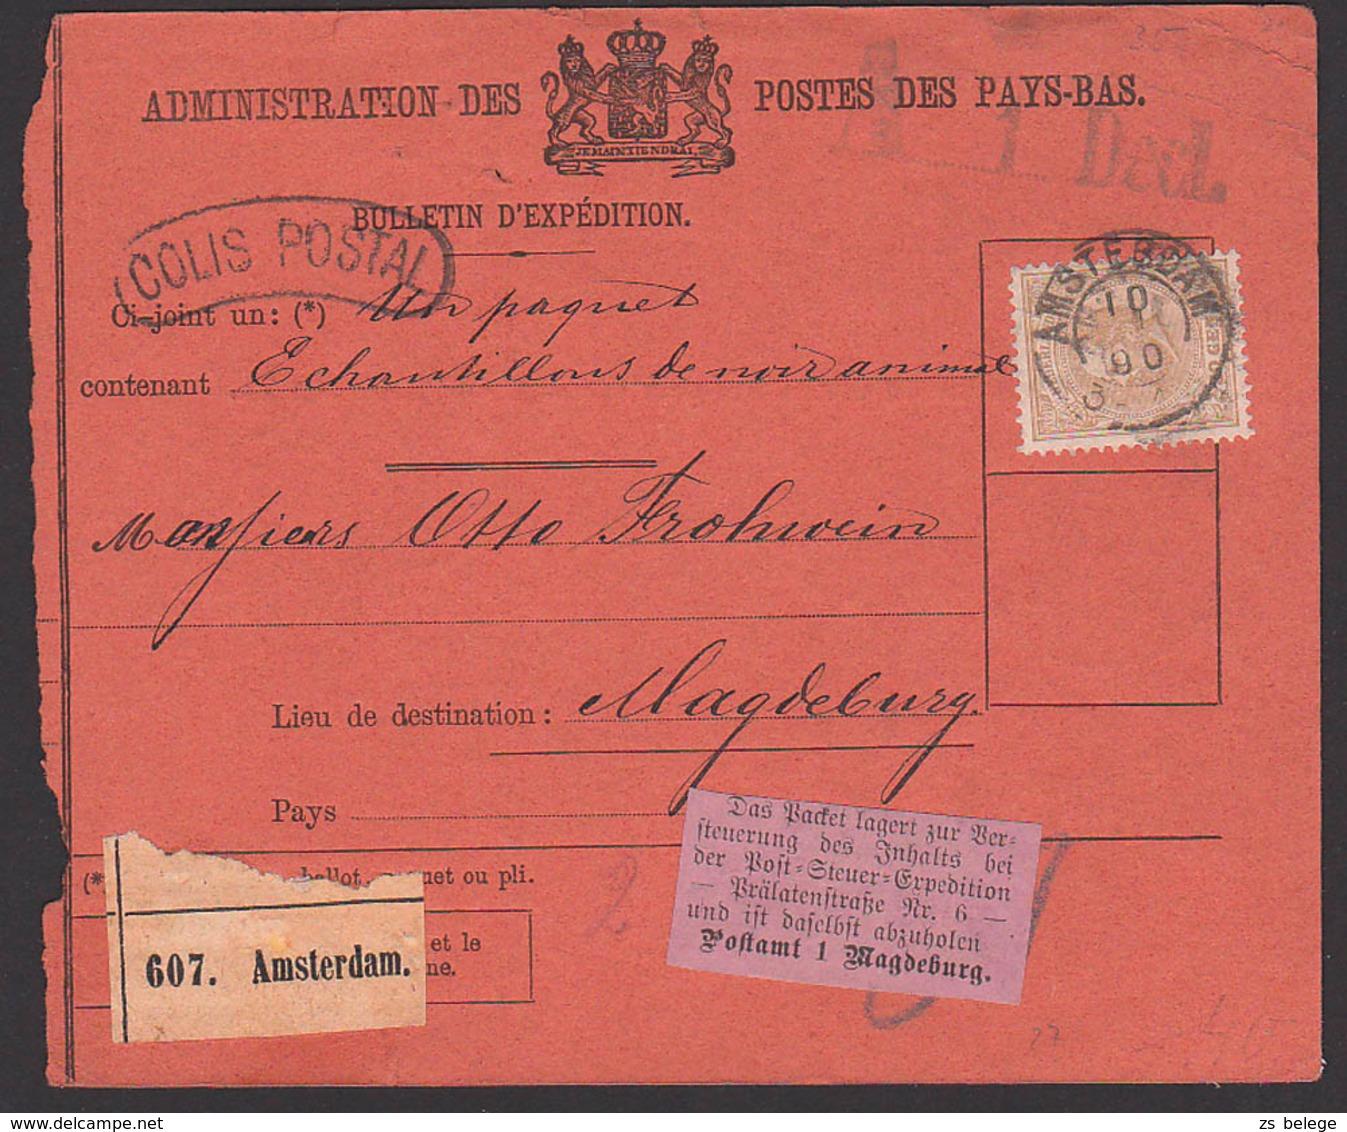 Postage Des Pays-Bas, Paketkarte Aus AMSTERDAM, Nach Magdeburg, Emmerich, Aukleber Bzgl. Versteuerung, Colis Postal - Brieven En Documenten